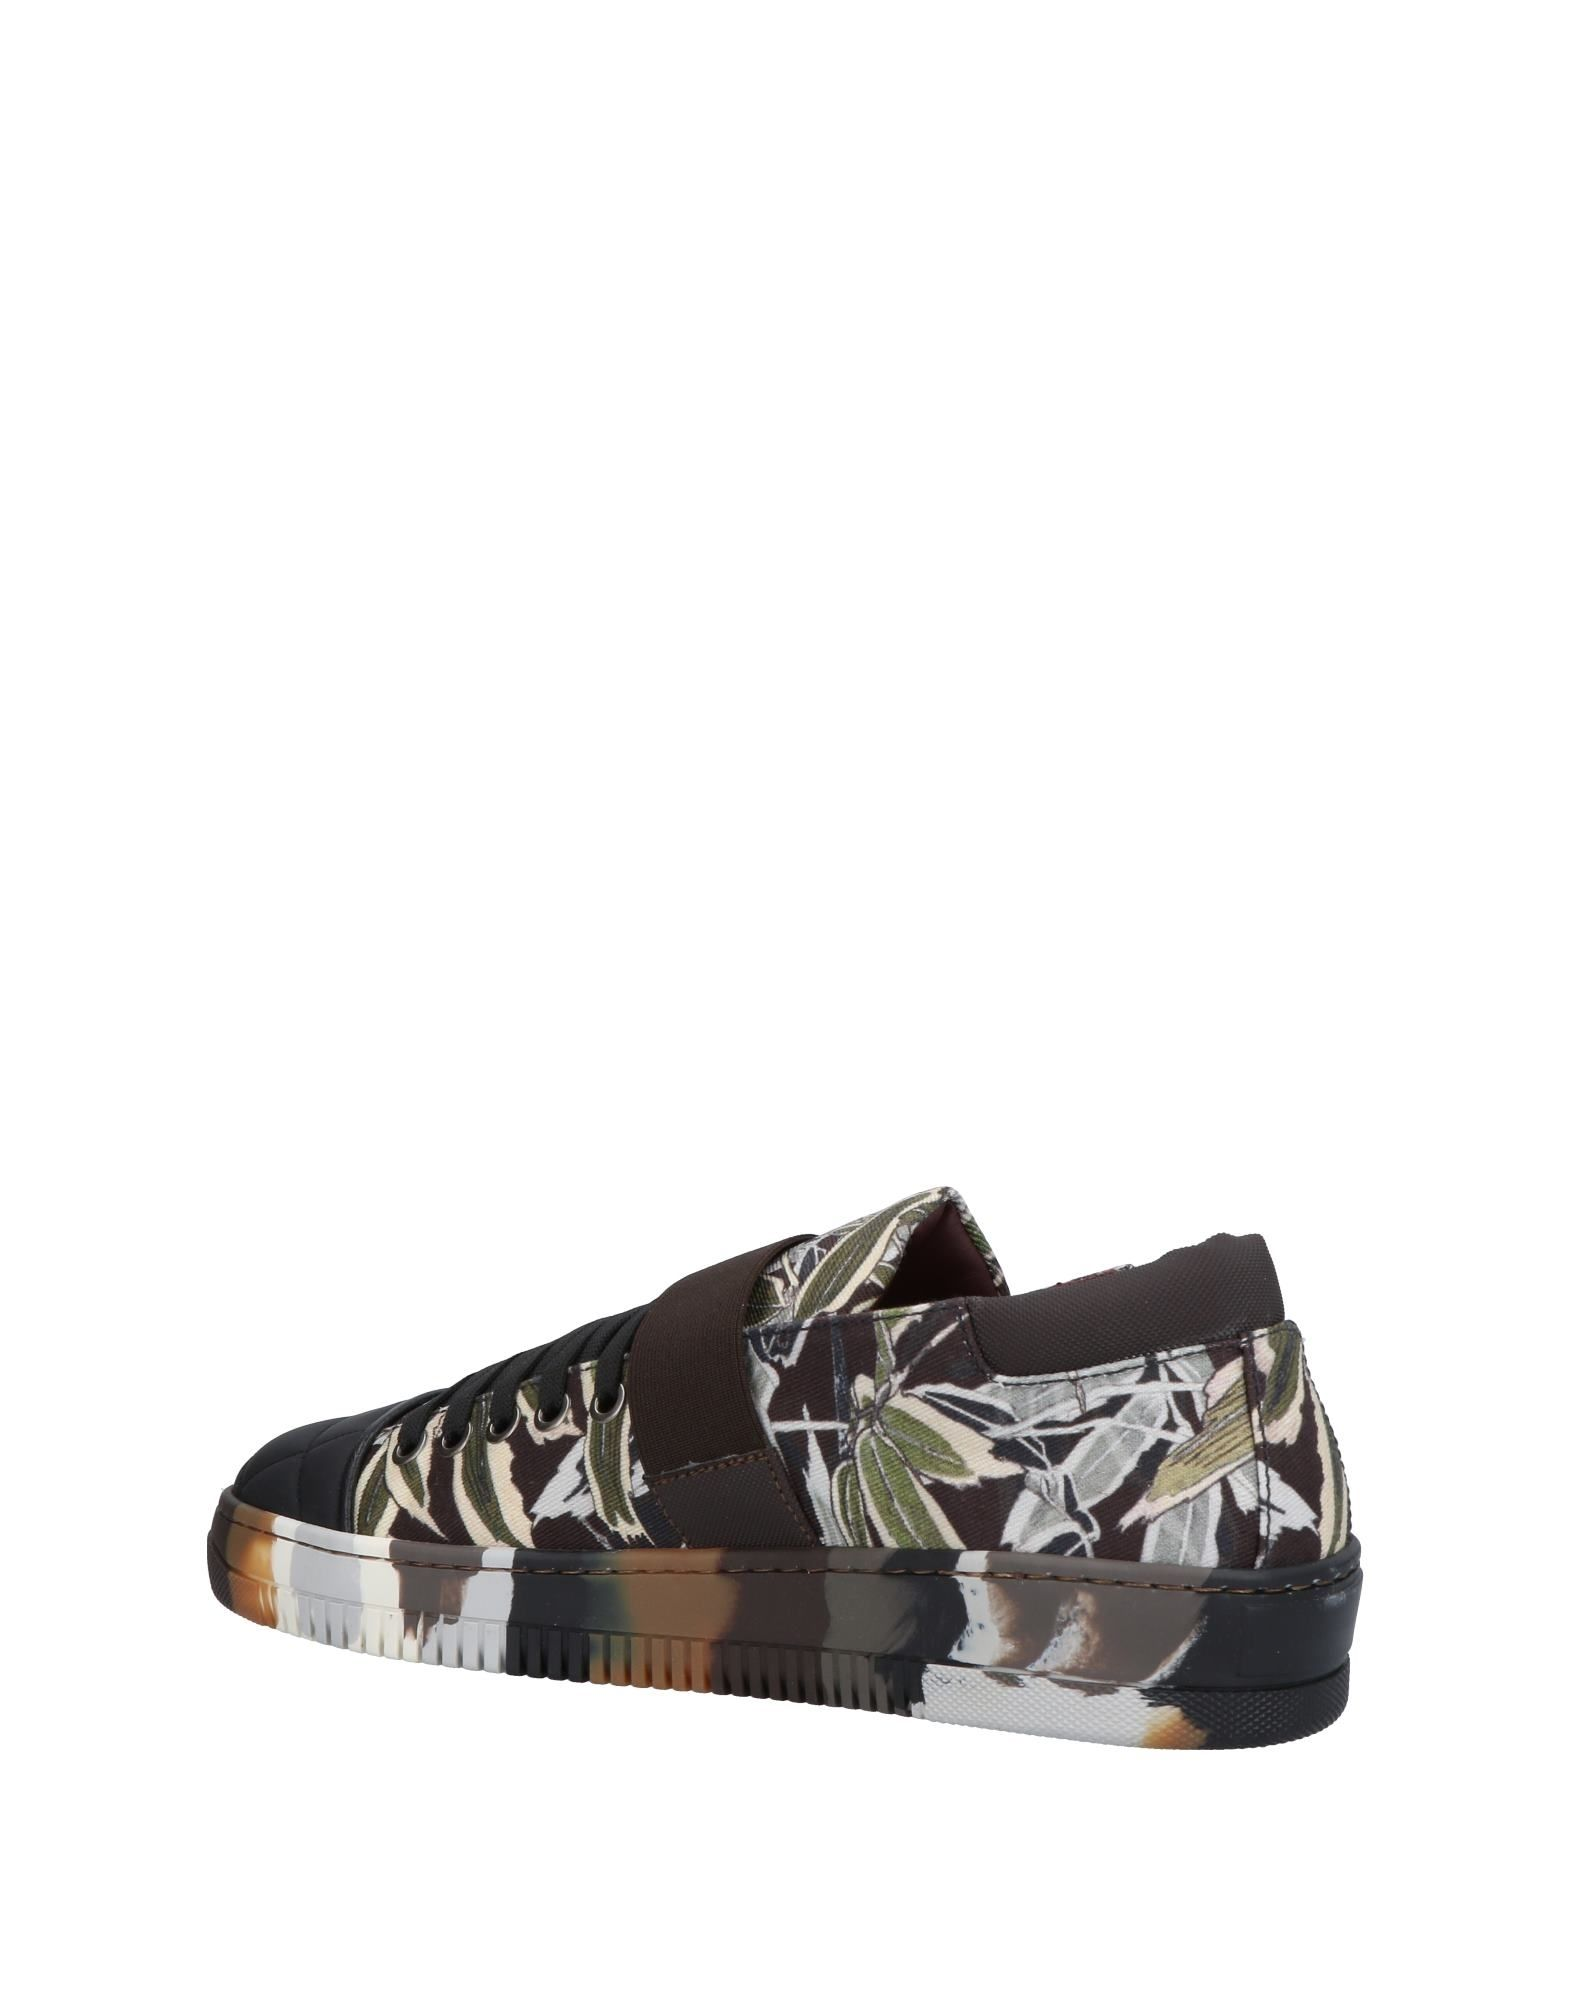 Antonio Marras Sneakers Herren Herren Sneakers  11467446FS 403806